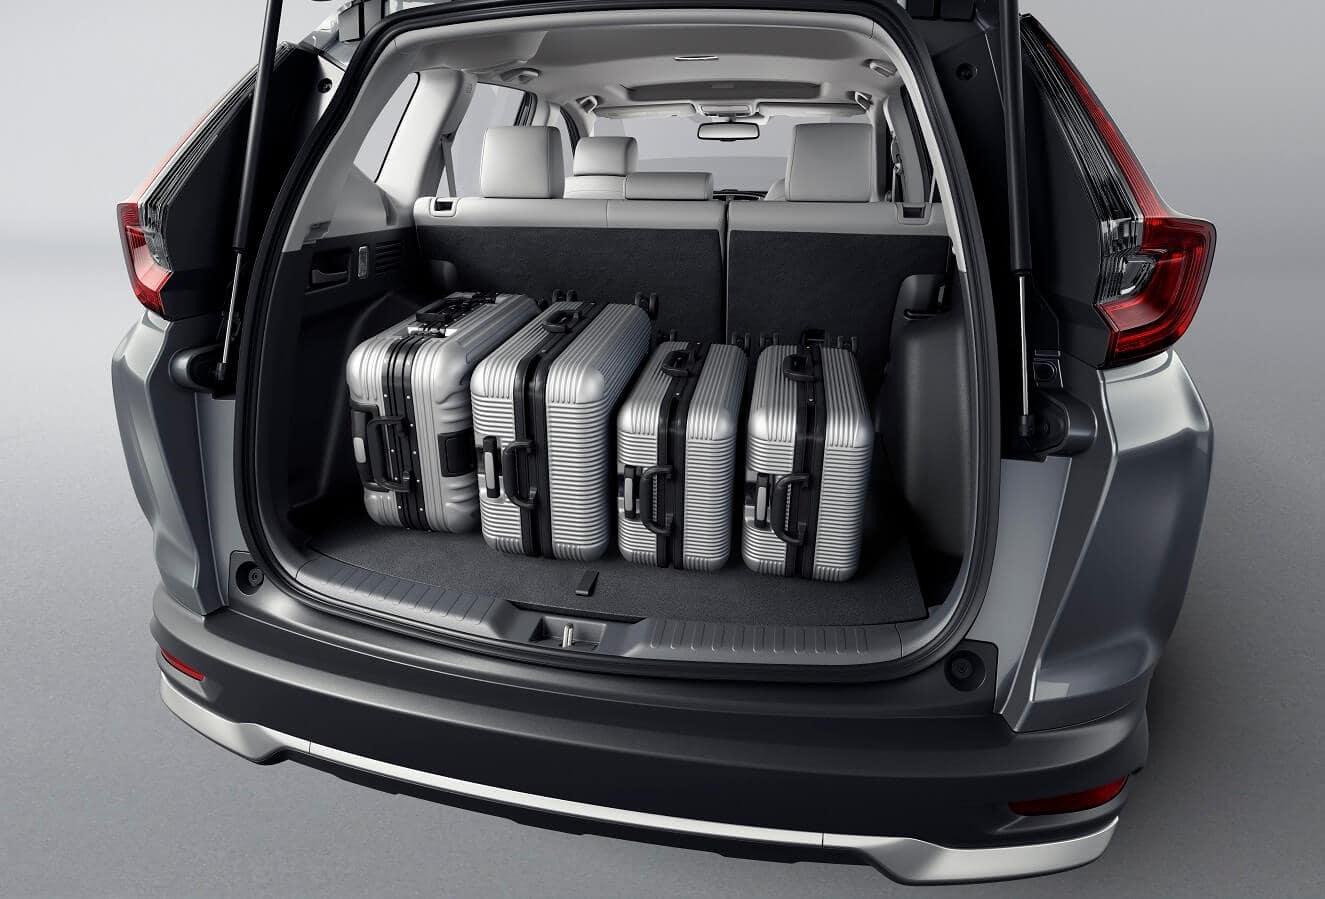 Honda CR-V Cargo Room